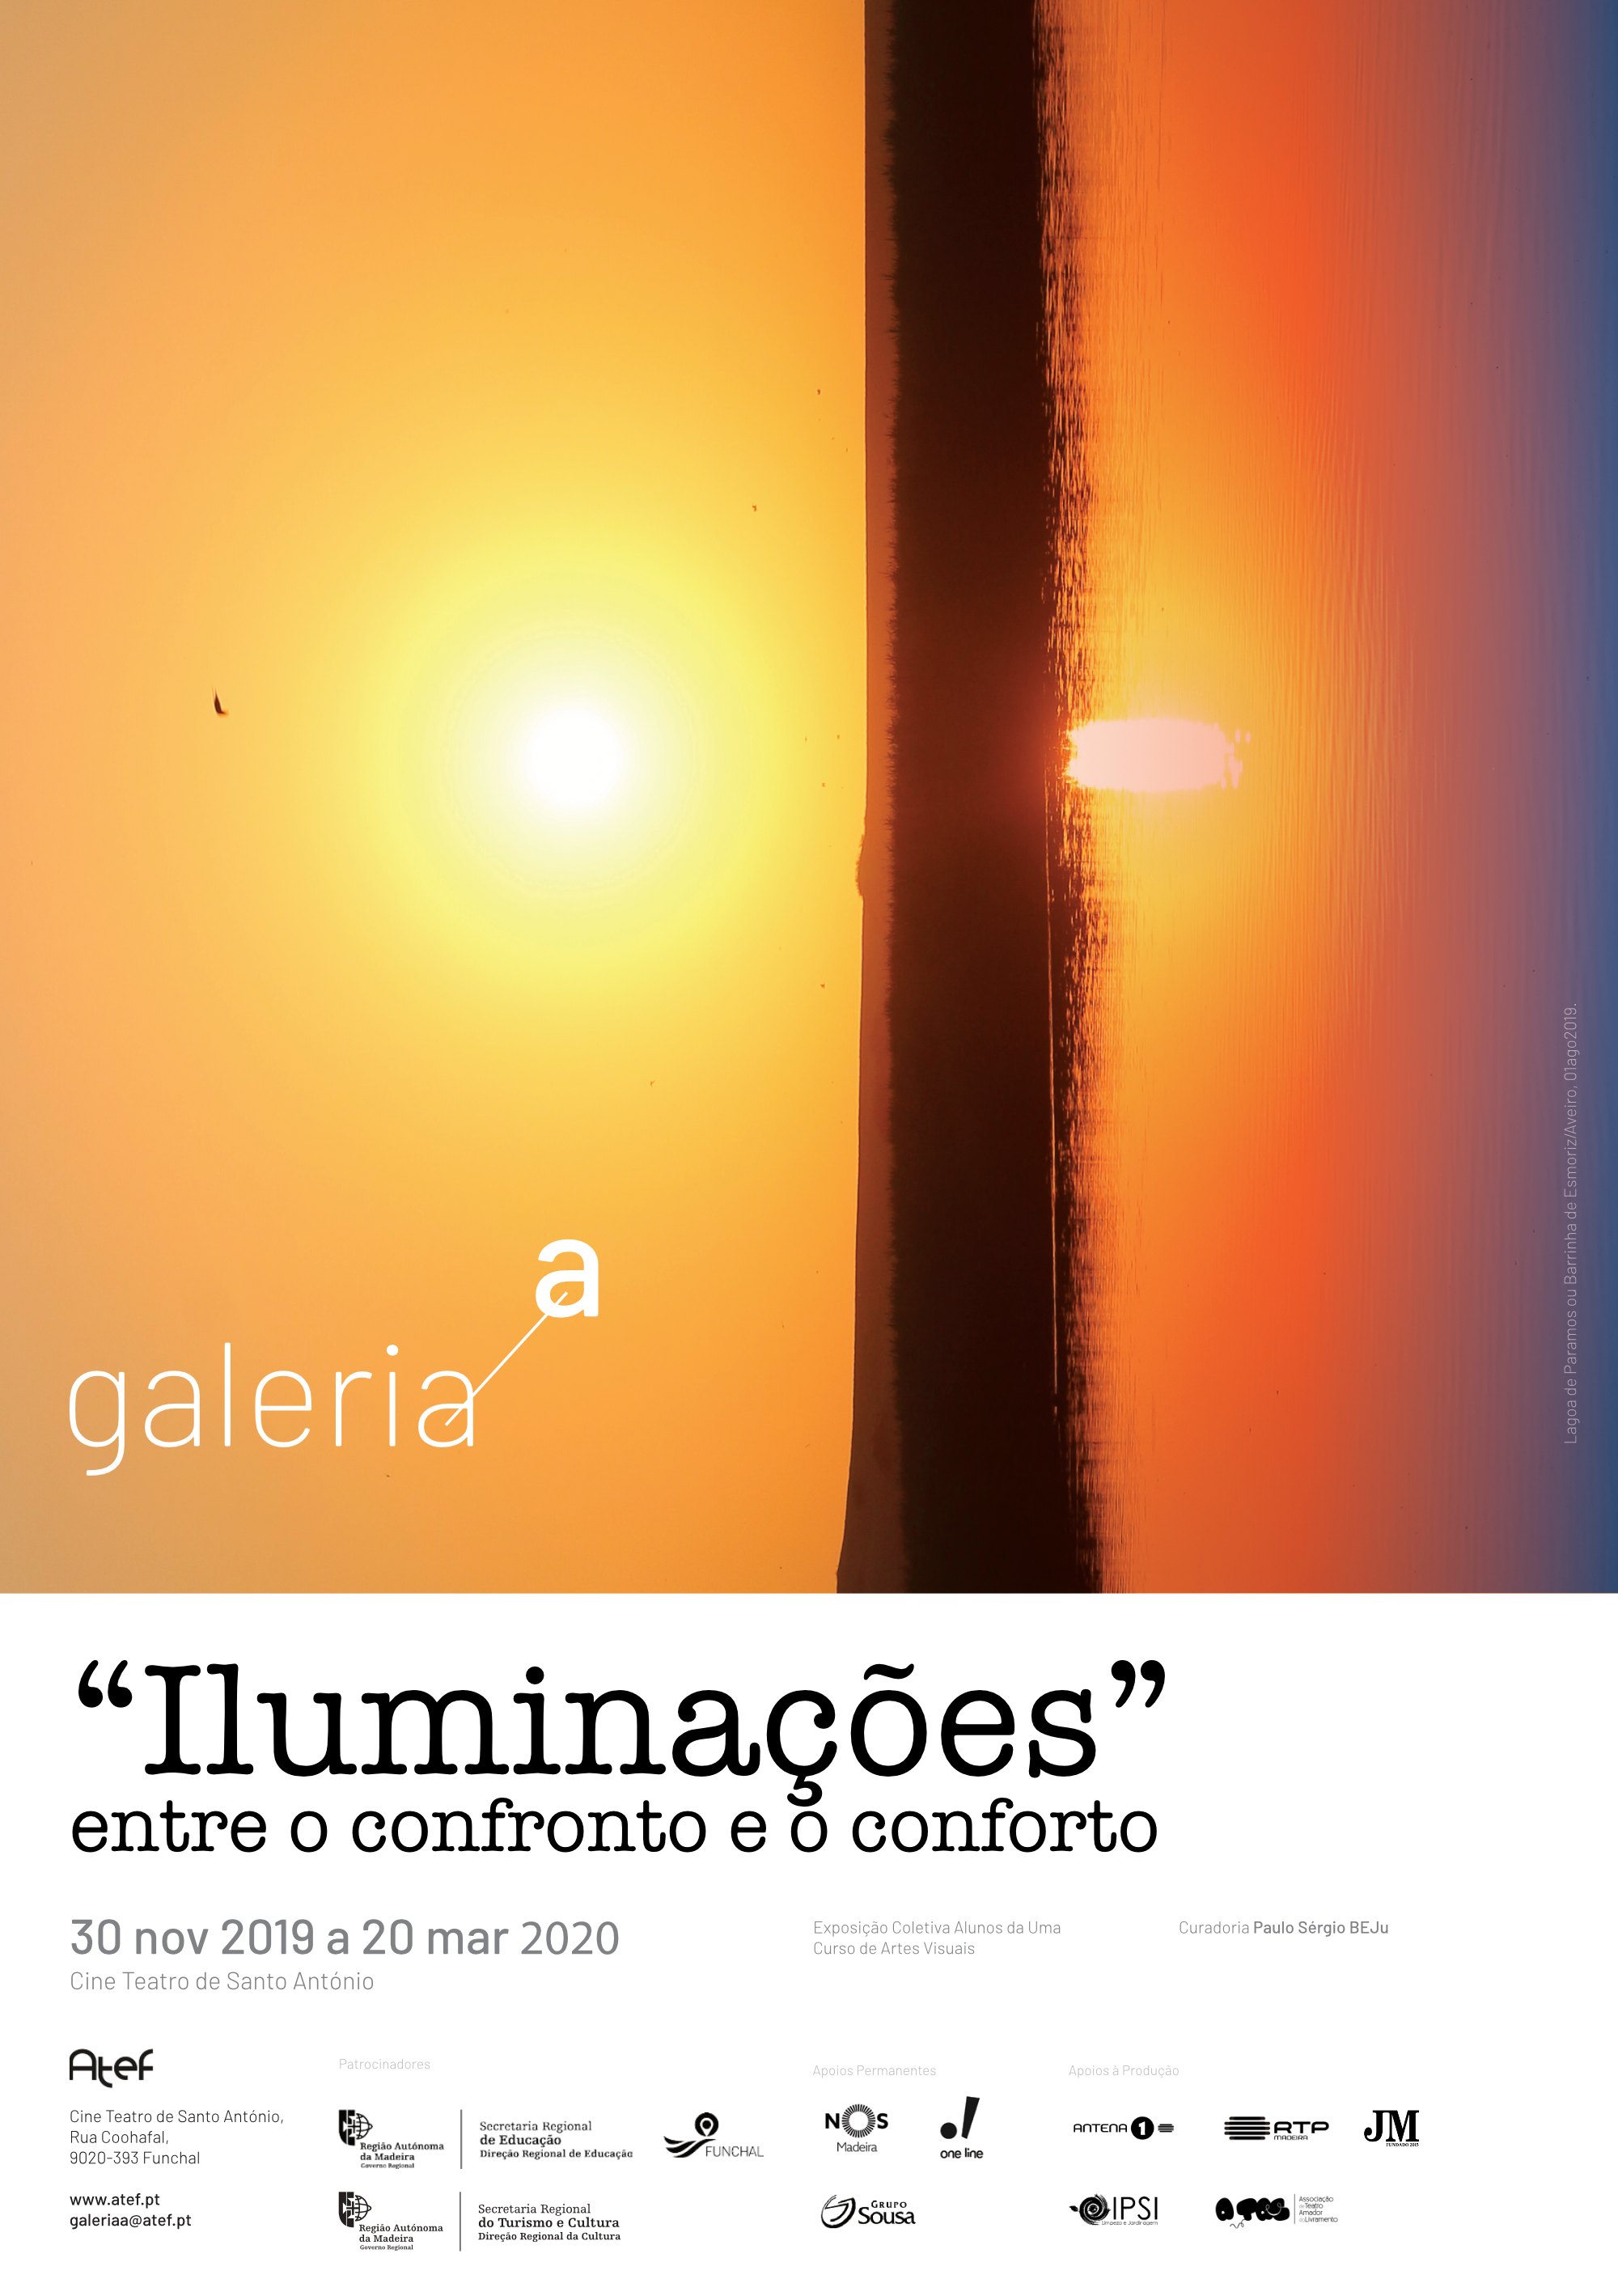 844_ga_iluminacoes_cartaz